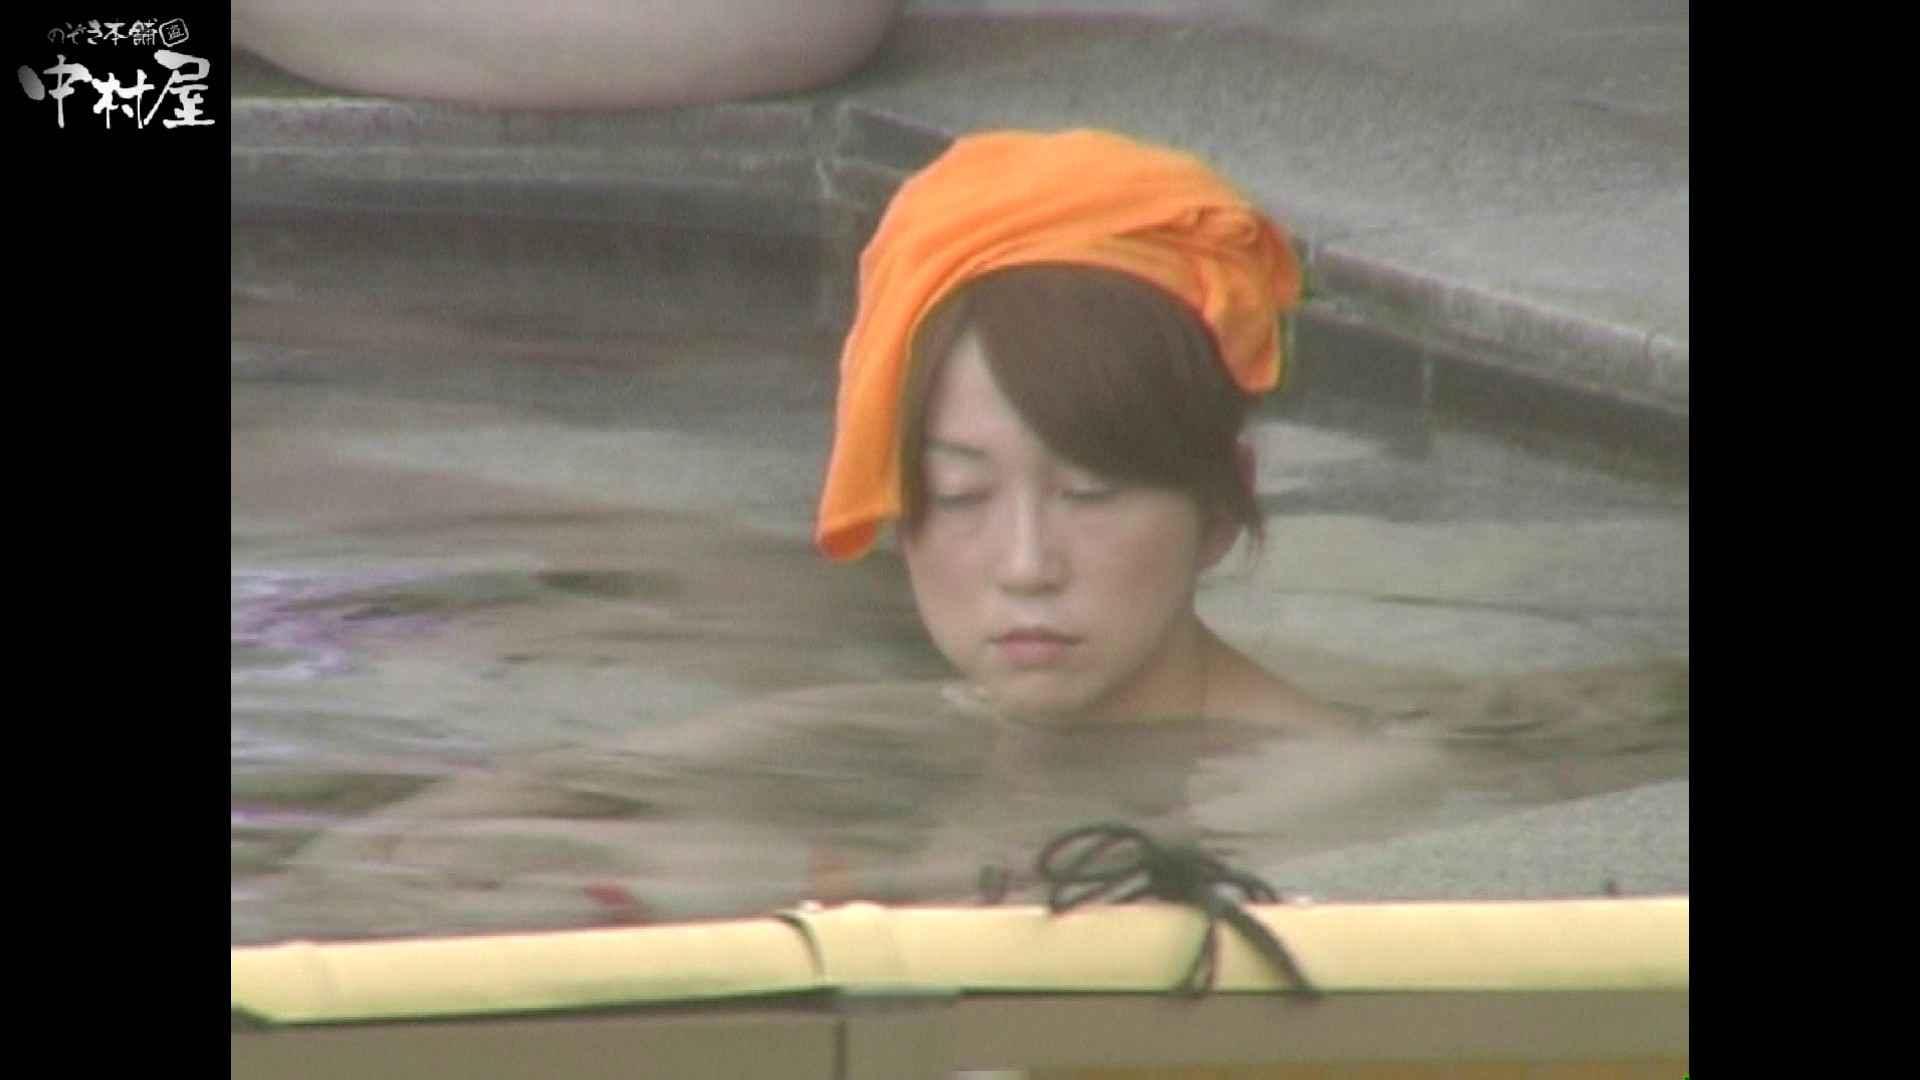 Aquaな露天風呂Vol.941 OLのエロ生活 アダルト動画キャプチャ 107連発 35